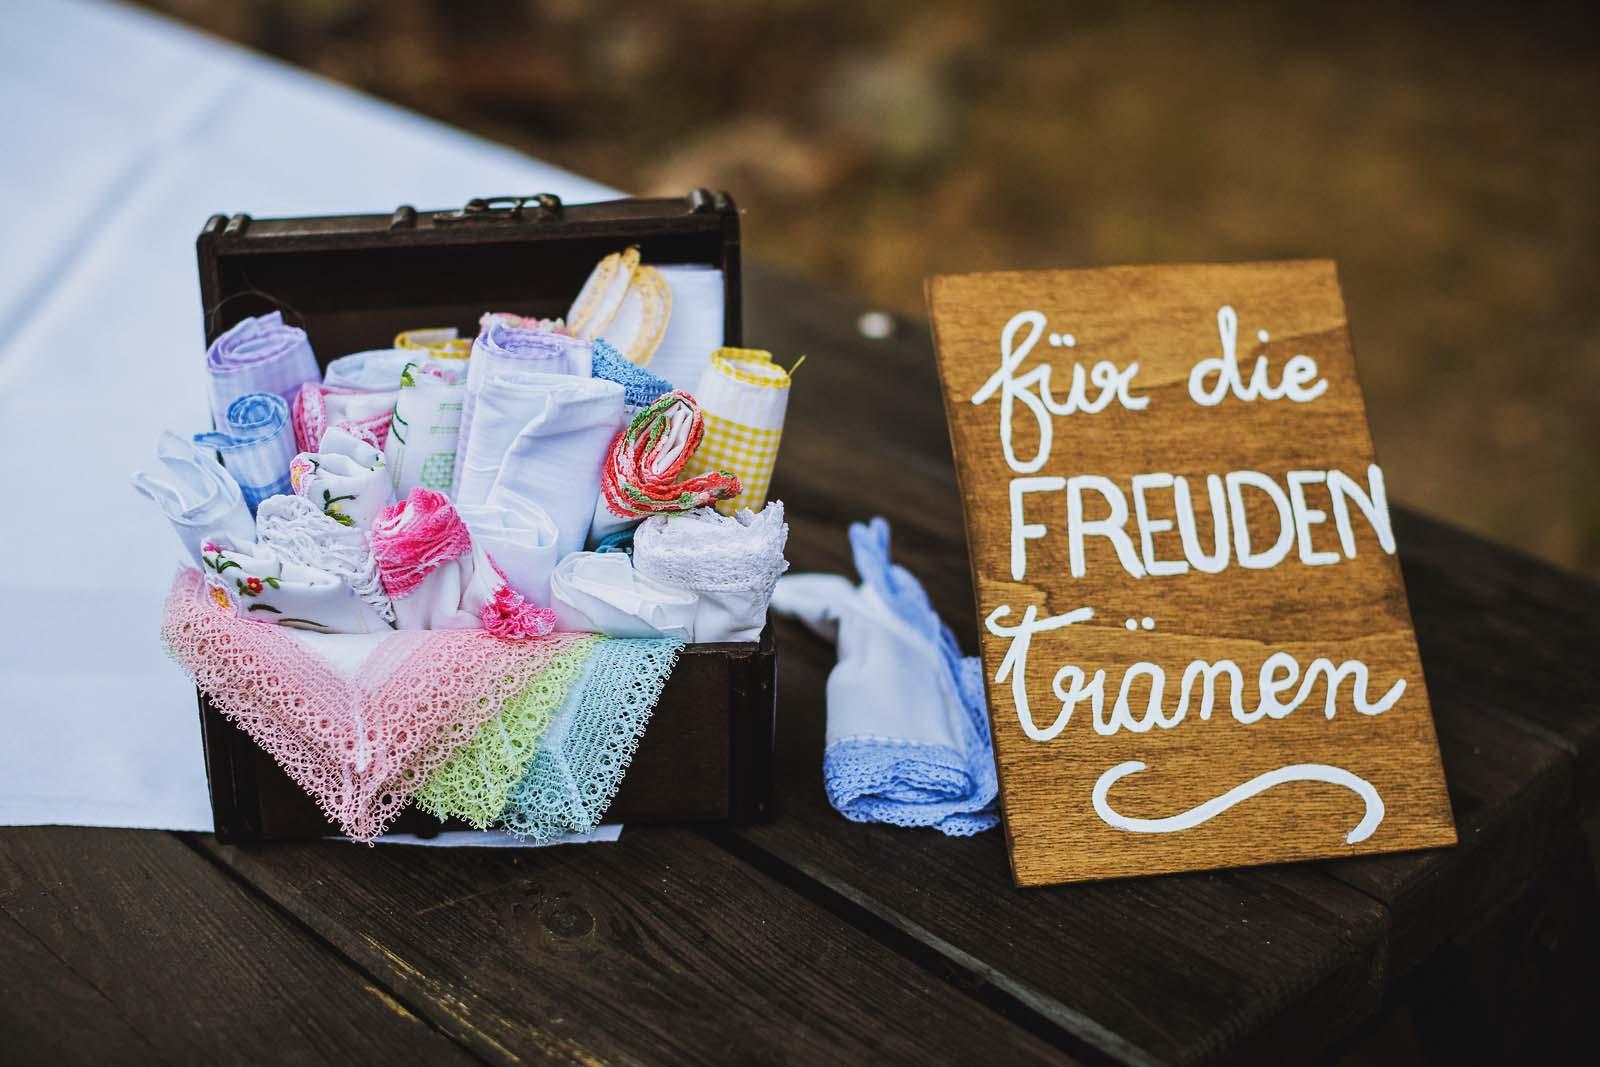 Fuer die Freudentraenen Taschentuecher fuer die Hochzeit auf einem Foto der Details Copyright by Hochzeitsfotograf www.berliner-hochzeitsfotografie.de